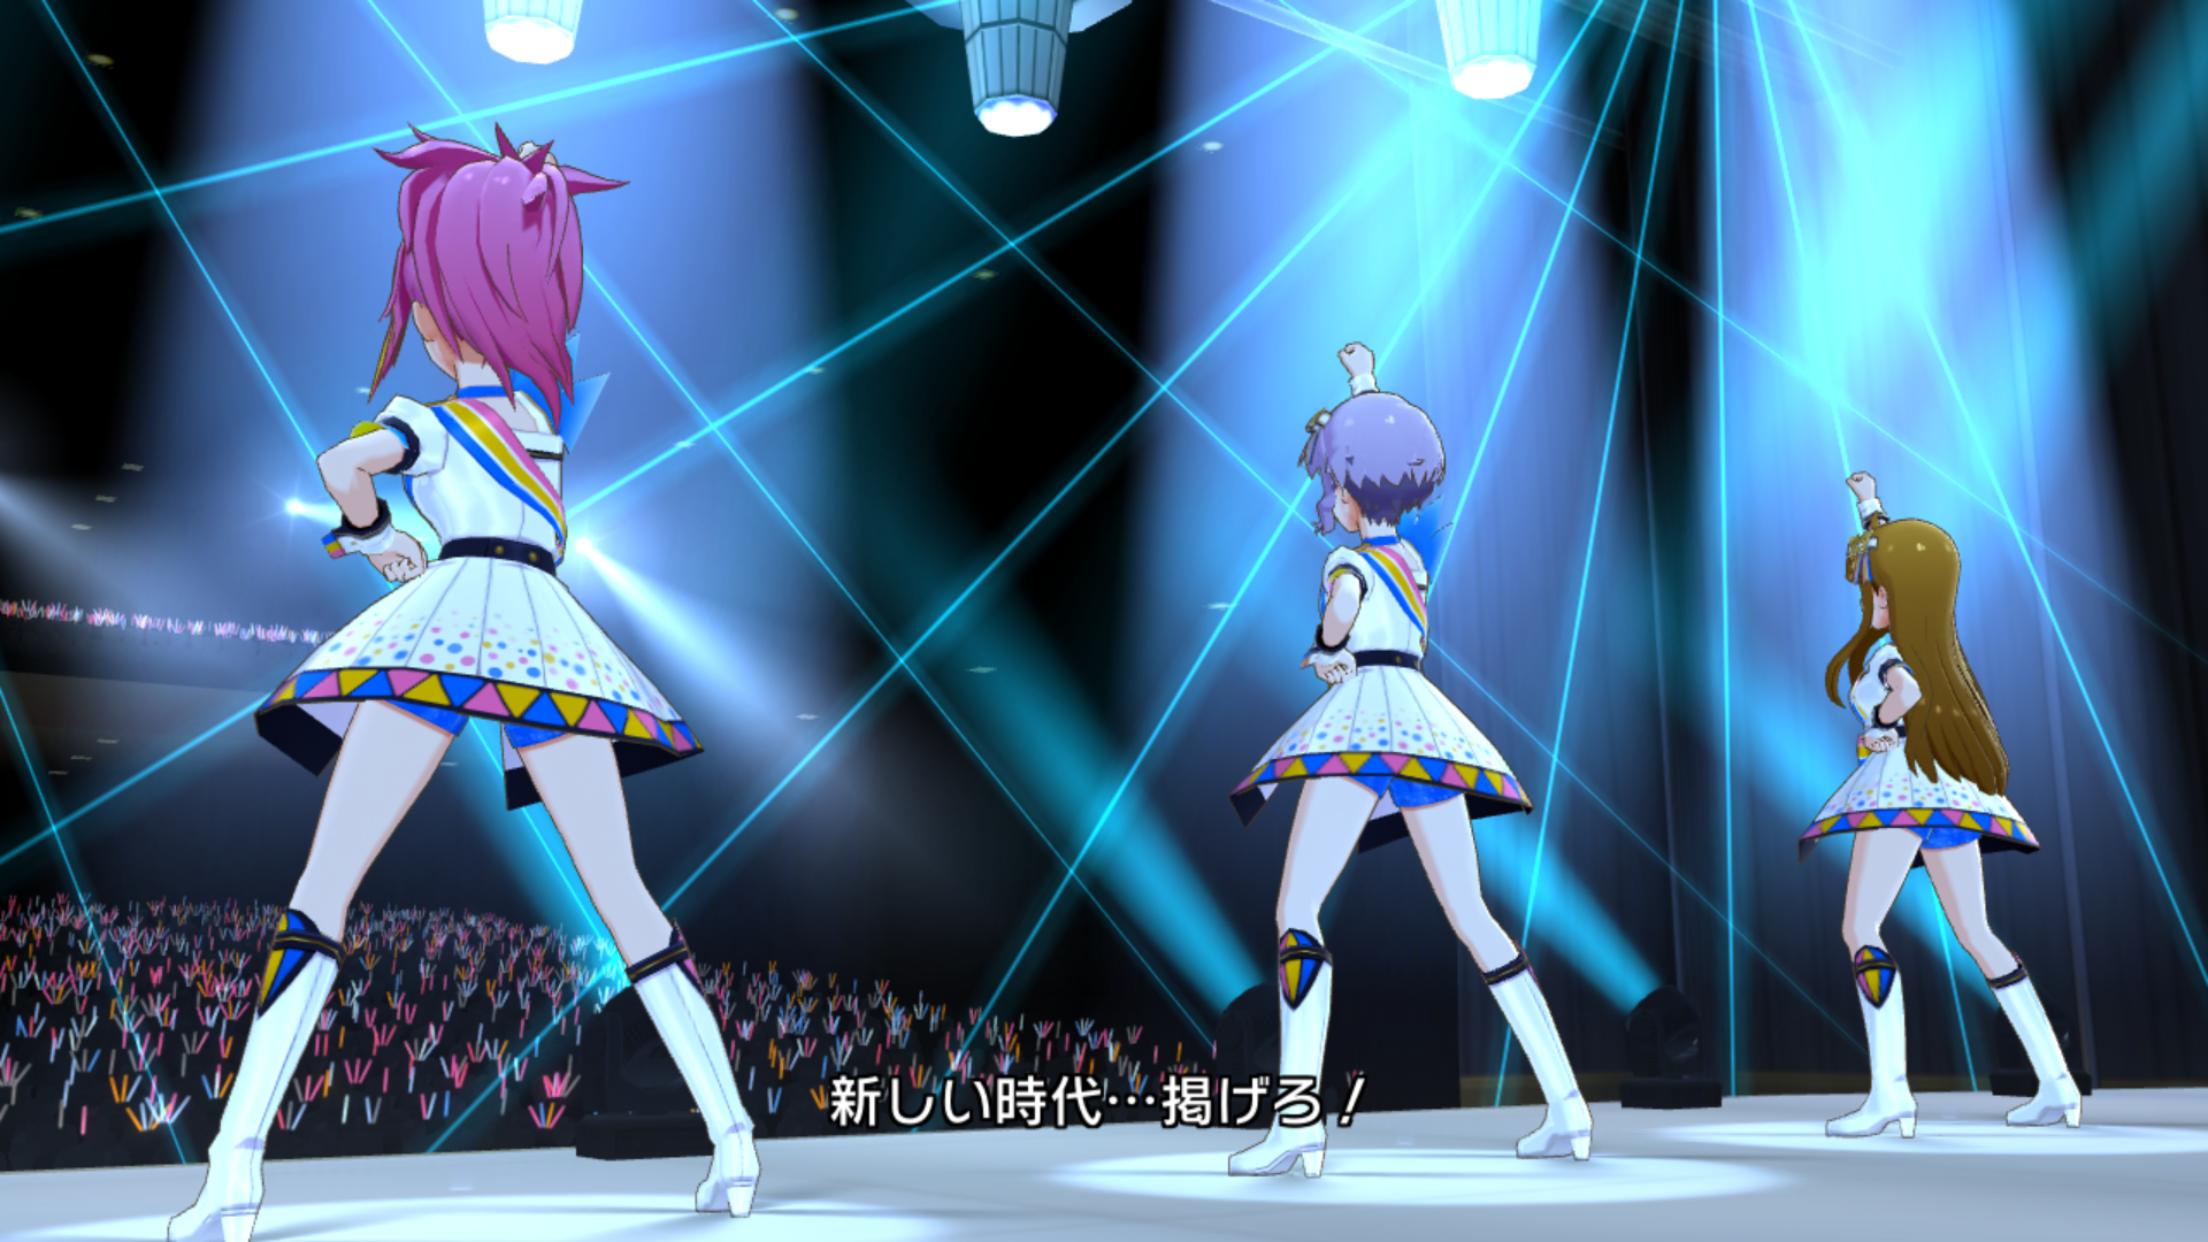 f:id:SeisoSakuya:20190430172217p:image